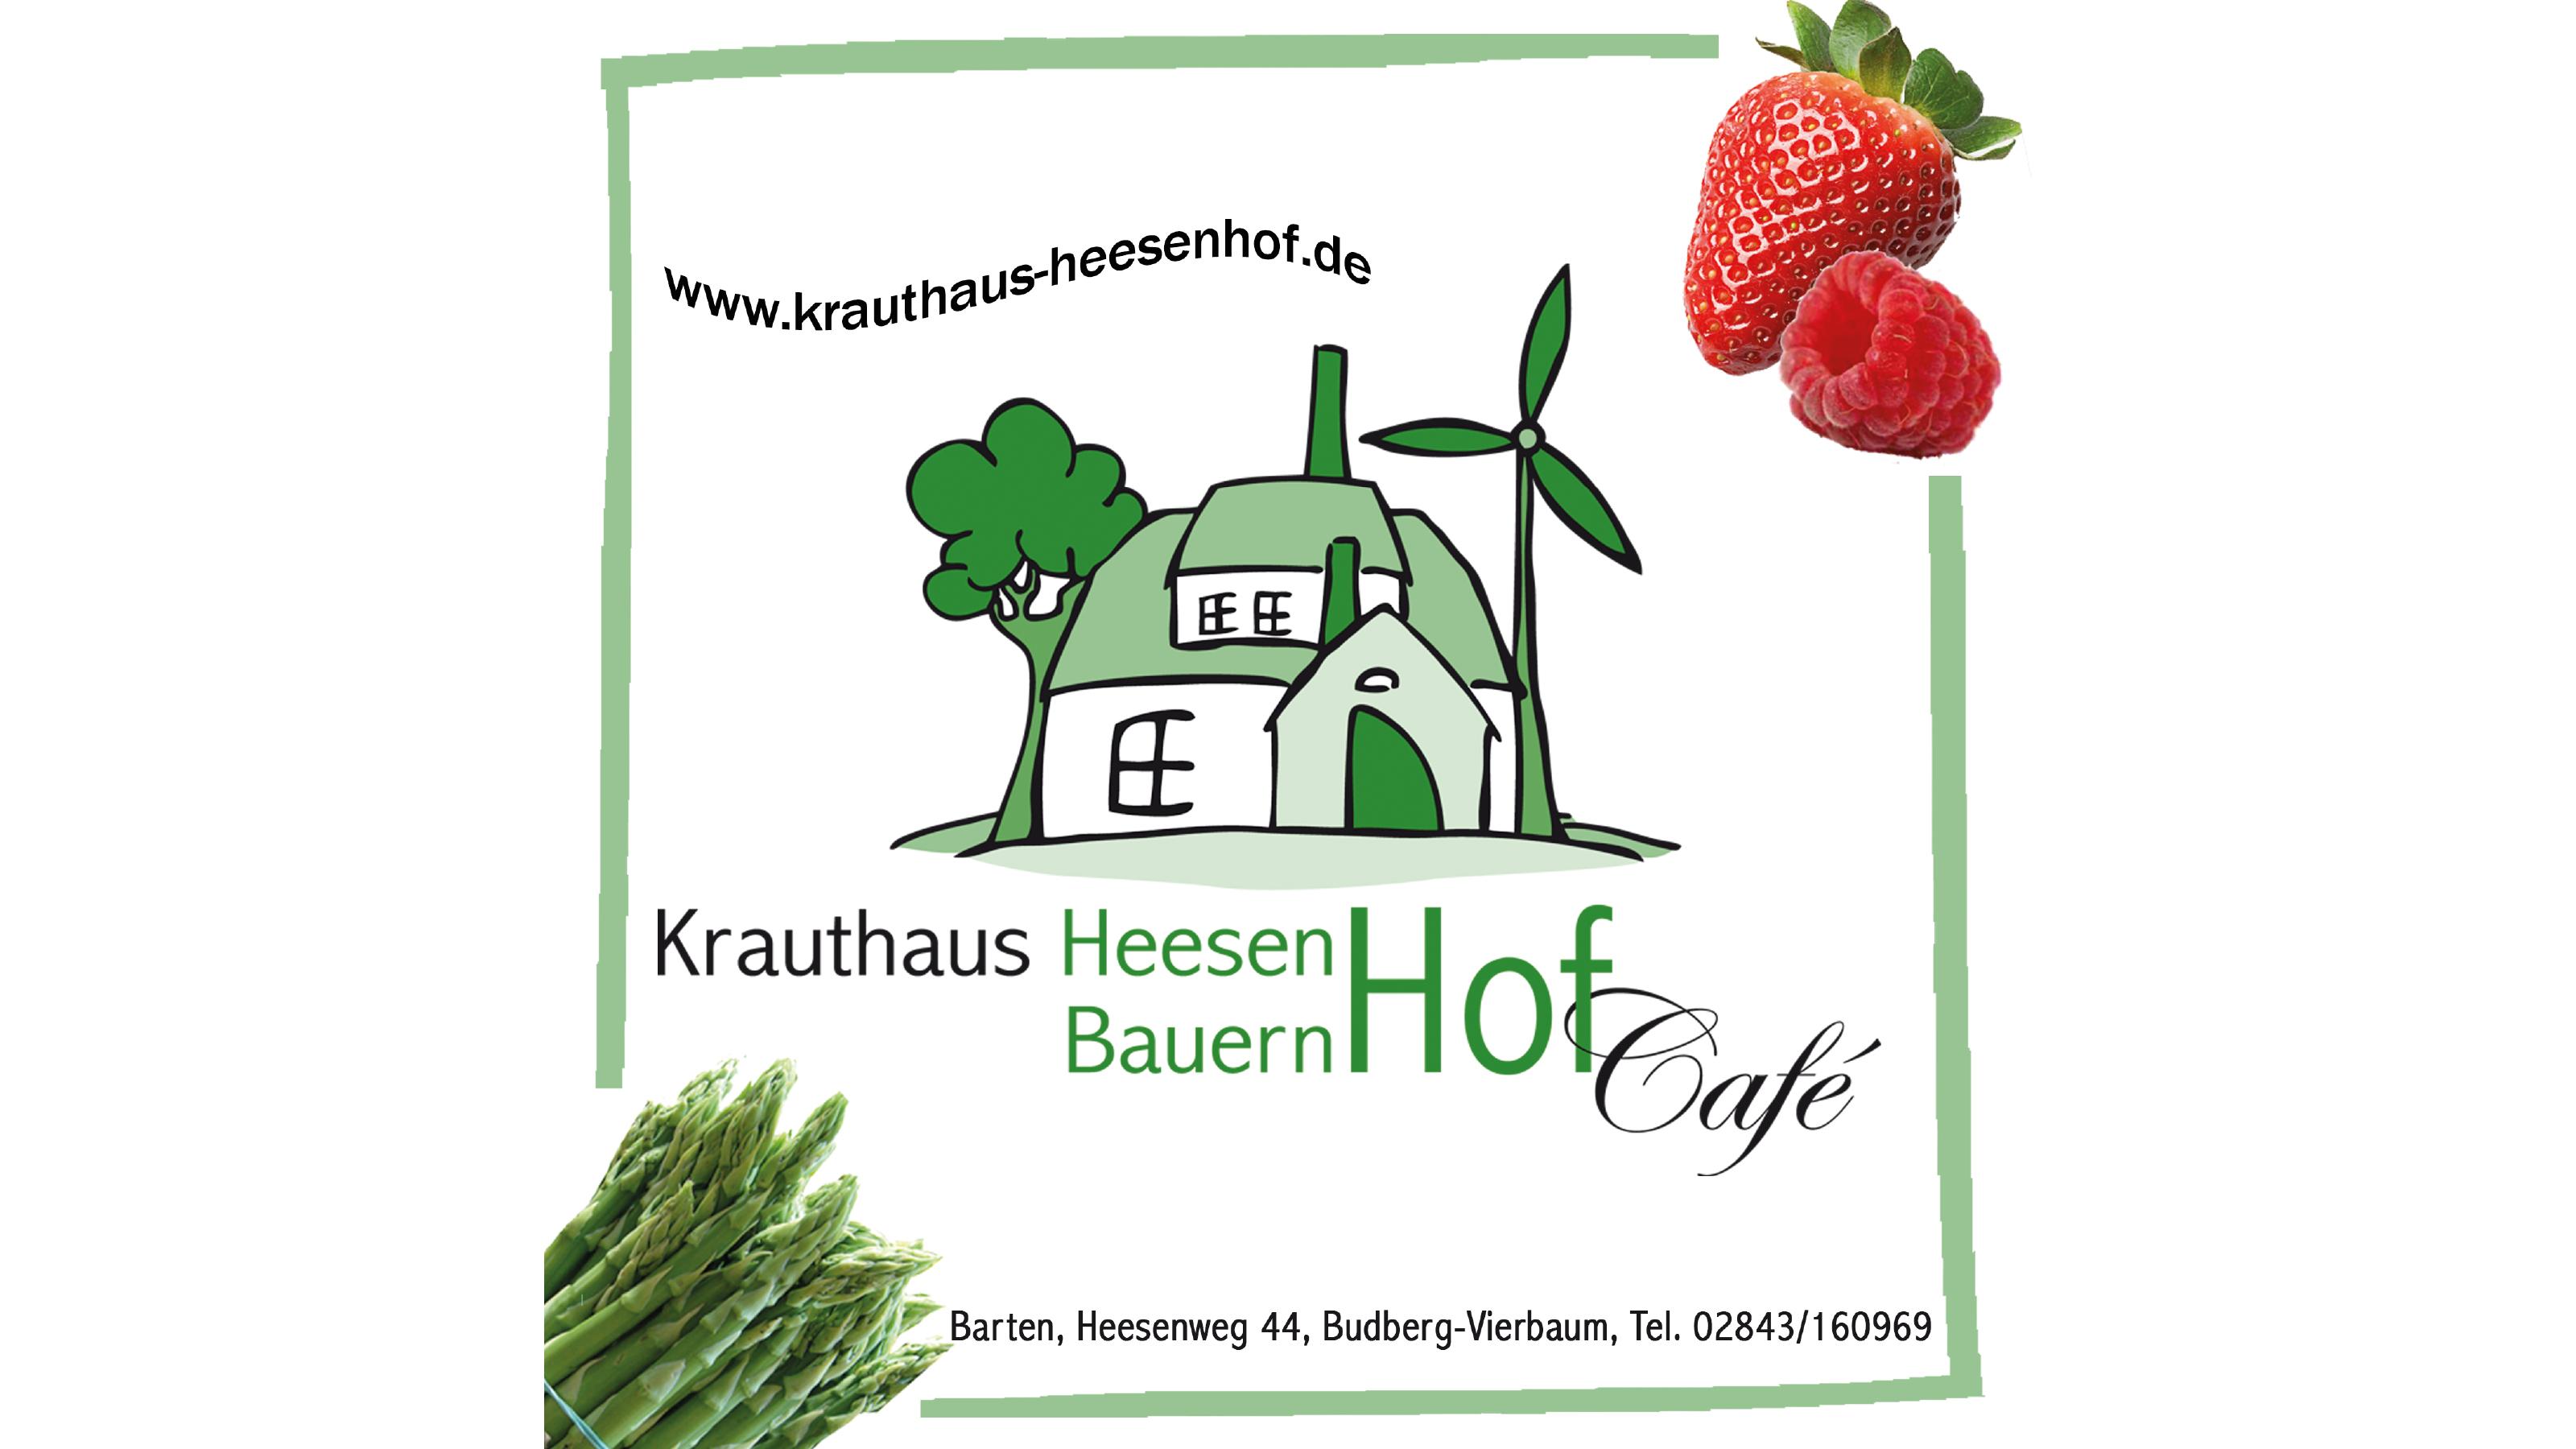 Krauthaus Heesenhof